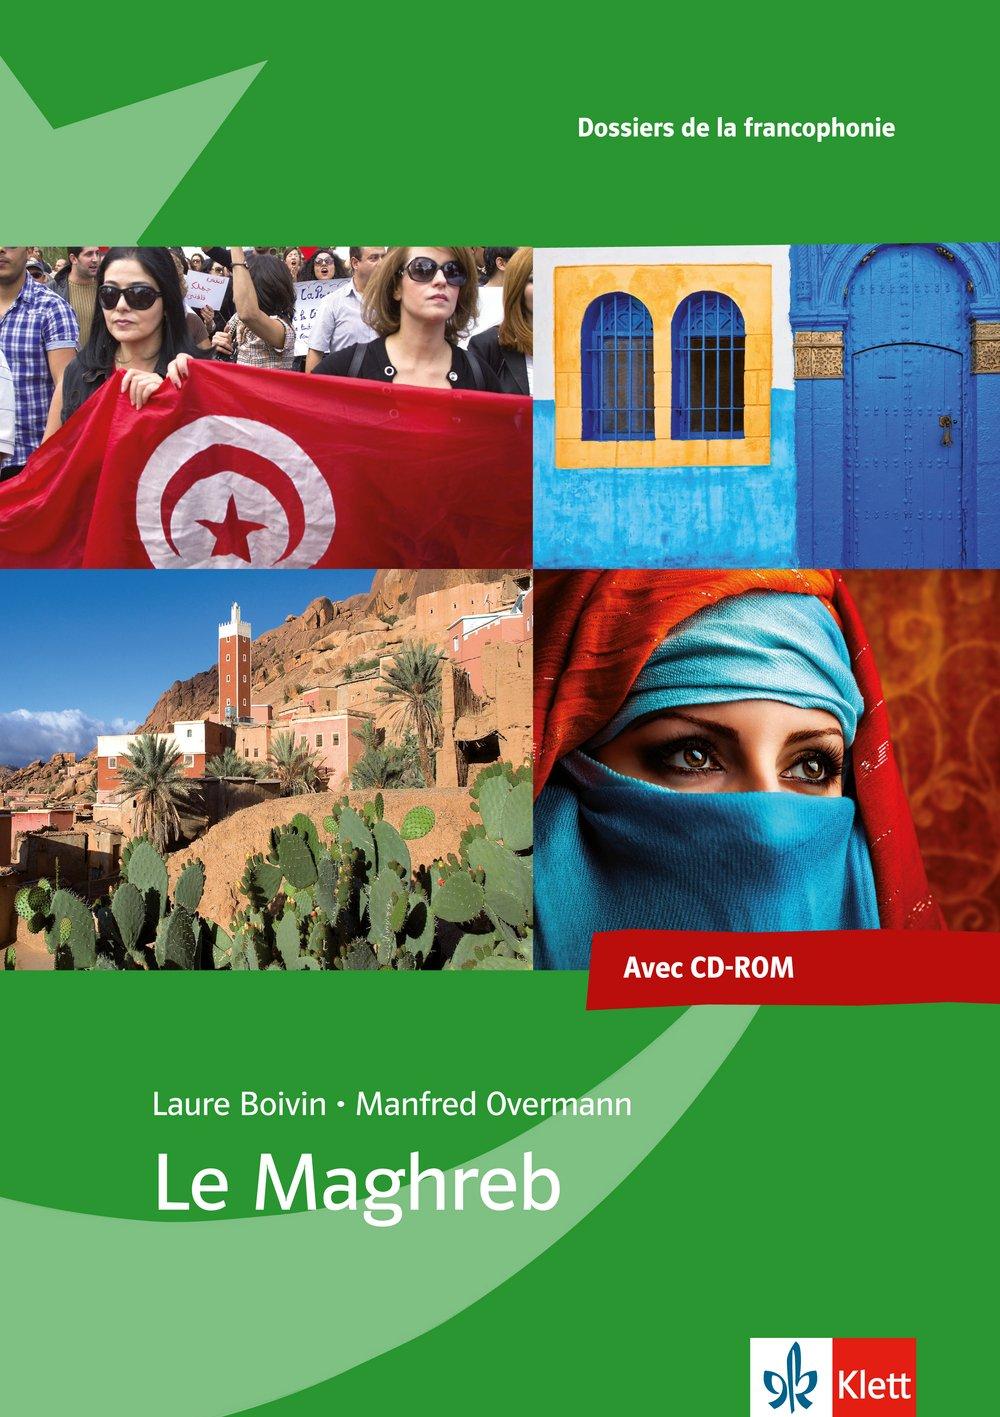 Le Maghreb: Dossier pédagogique. Buch + CD-ROM (Dossiers de la francophonie)